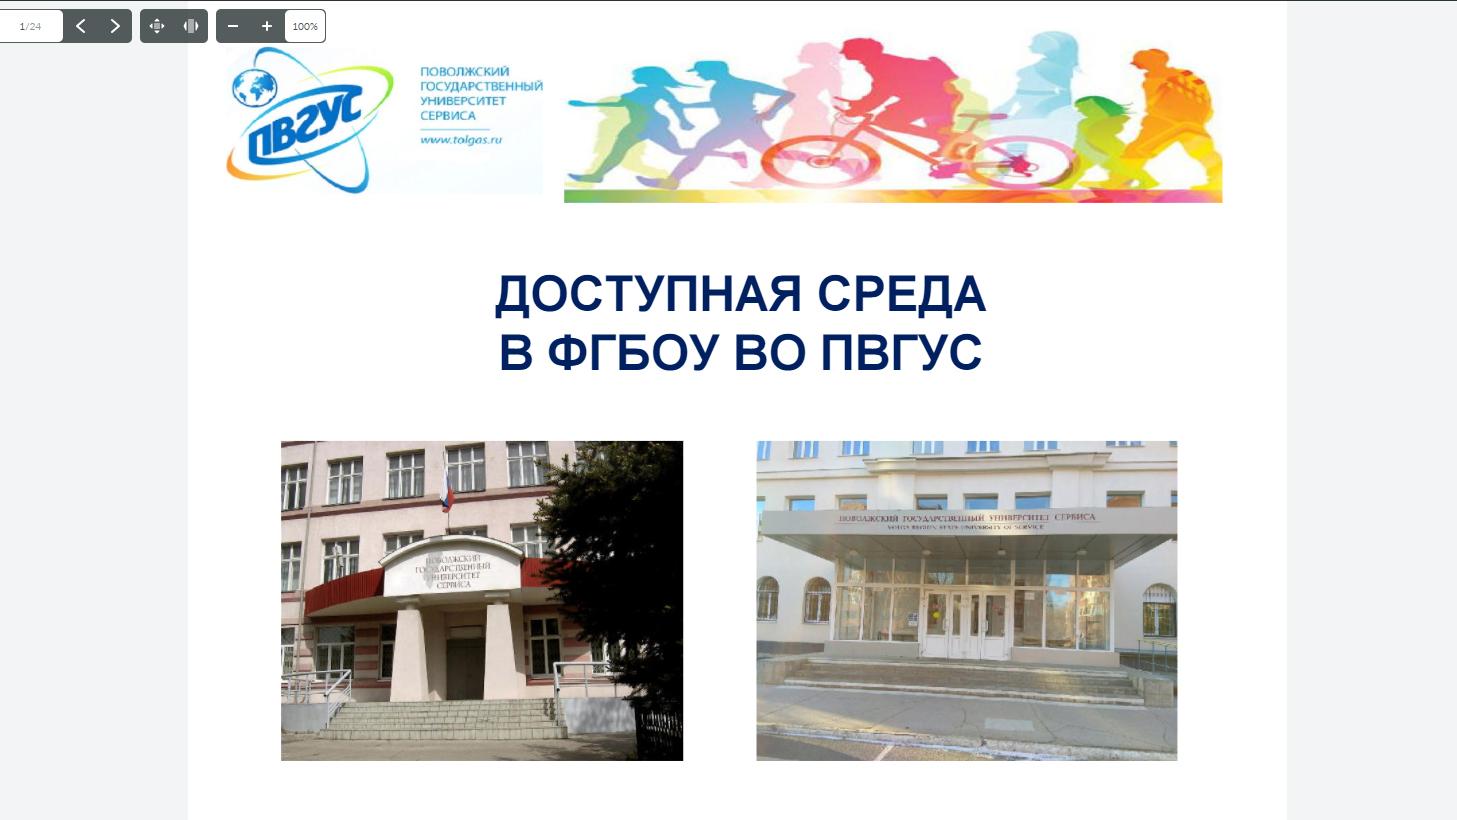 РУМЦ Мининского университета, совместно с вузами-партнерами, организовал Профессиональный маршрут для старшеклассников и обучающихся учреждений СПО Самарской области